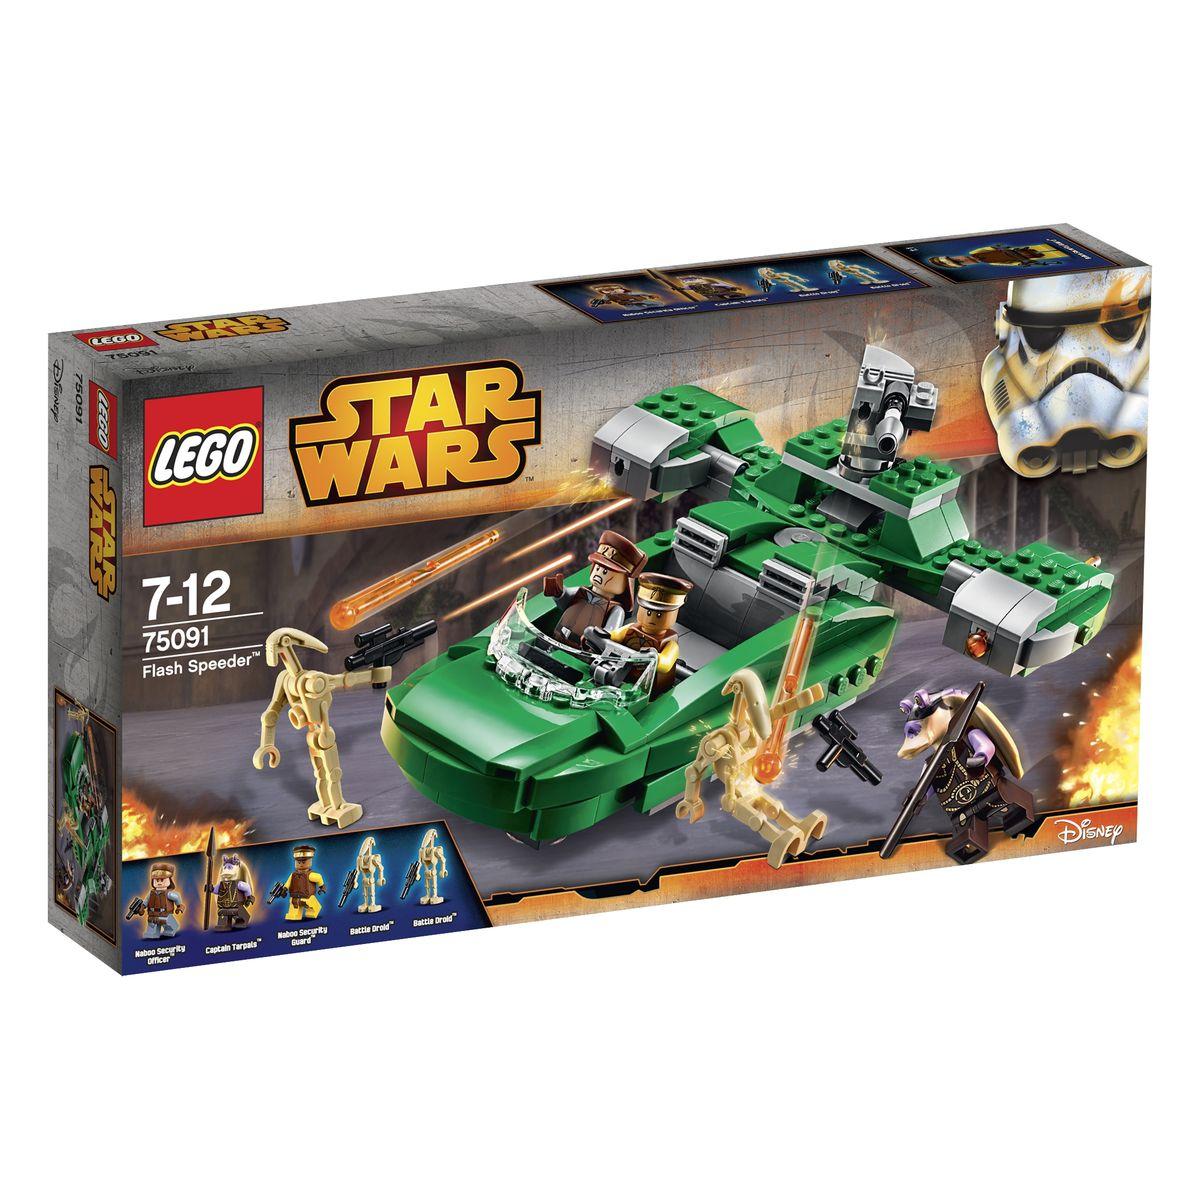 LEGO Star Wars Конструктор Флэш спидер 7509175091Флеш-спидер - это скоростное транспортное средство, разработанное силами безопасности планеты Набу. Изначально эти машины использовались для патрулирования городских улиц и быстрого перемещения между соседними населенными пунктами. Но, все изменилось после вторжения на планету боевых дроидов Торговой Федерации. «Вспышкам» пришлось пополнить ряды более тяжелой военной техники, чтобы защитить мирное население от вражеских оккупантов. Из деталей набора LEGO 75091 вы сможете построить реалистичную модель спидера с планеты Набу. Его корпус выполнен в ярко-зеленом цвете, позволяющем сливаться с густой растительностью планеты. Центральное место в конструкции отведено просторной кабине пилота, оборудованной симметрично поднимающимися боковыми дверцами. В ней могут поместить не только два солдата, составляющие стандартный экипаж, но и два пассажира с минимальным грузом. Ходовая часть спидера представлена репульсорными двигателями с рулевыми закрылками и воздухозаборниками,...